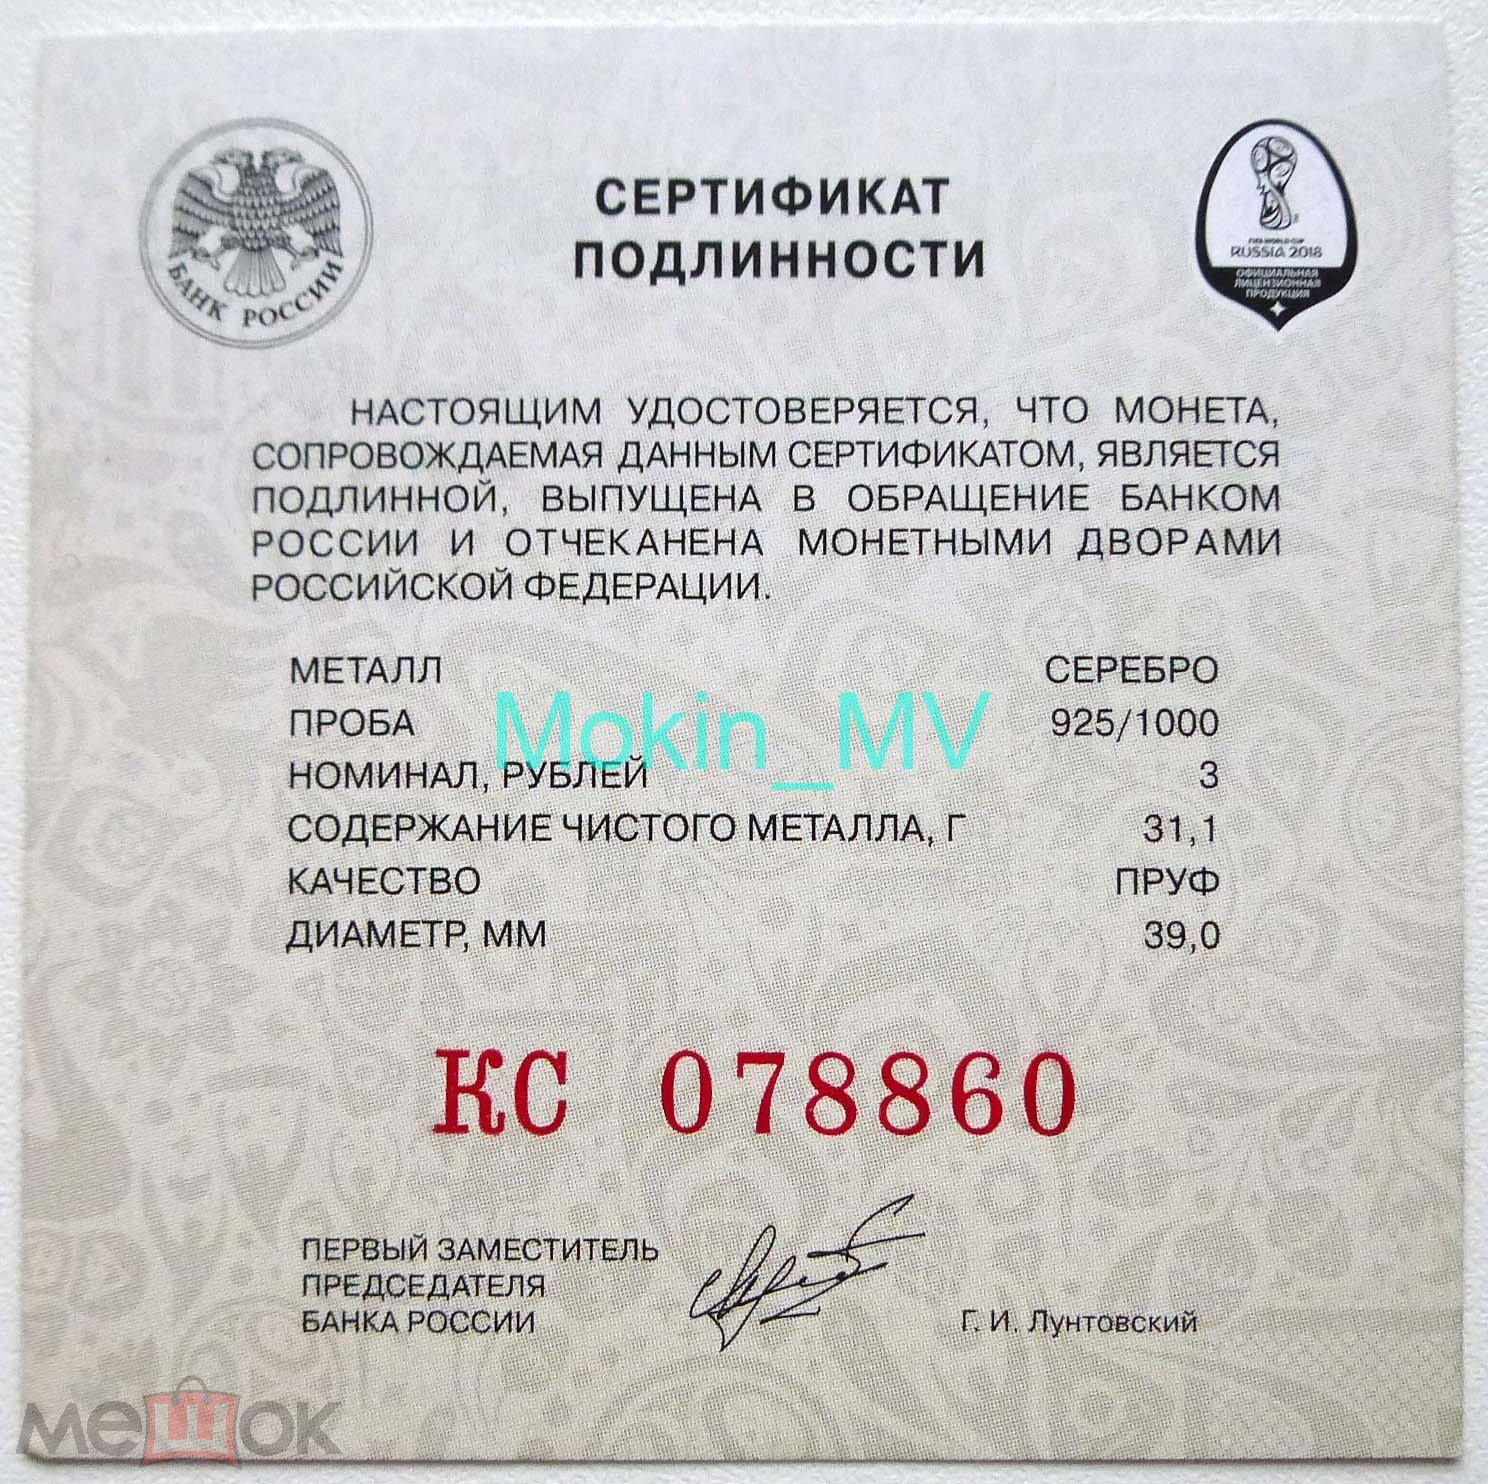 Сертификат подлинности монеты современные монеты россии стоимость цены на 2017